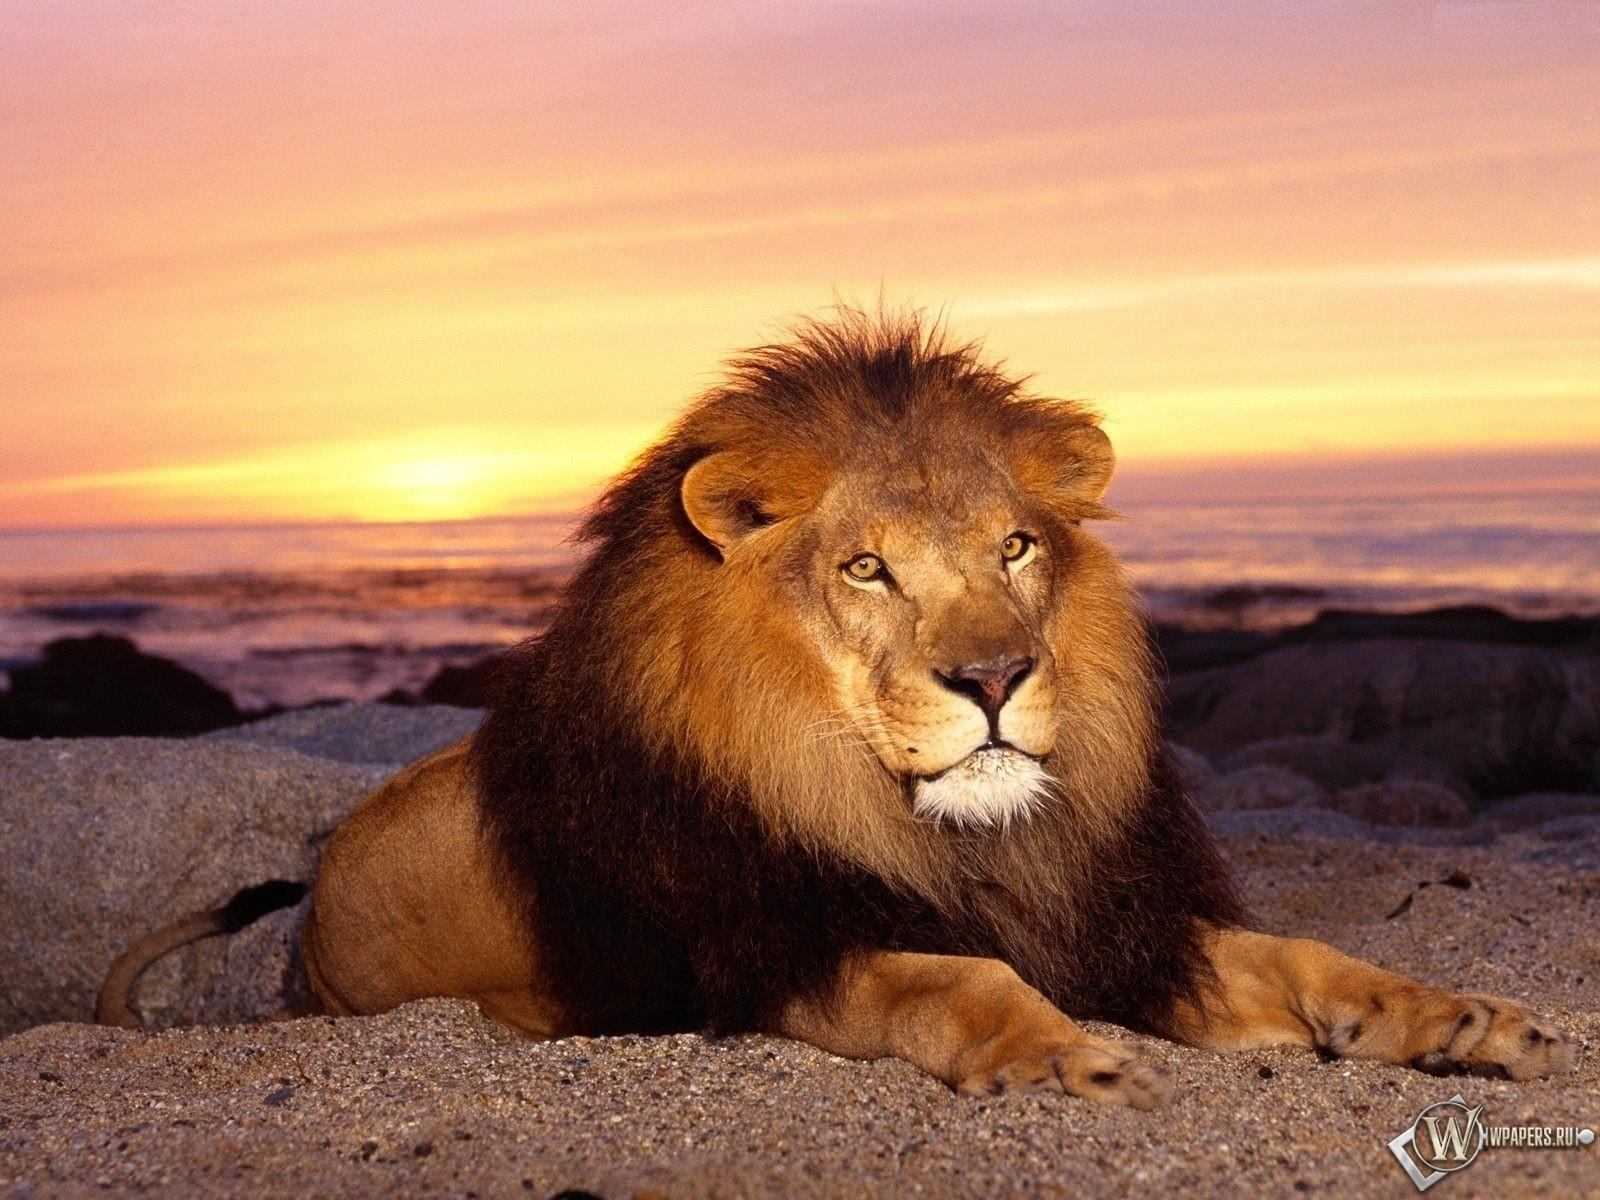 мамой из-за чего карла льва назвали львом планировок, инфраструктура Поиск